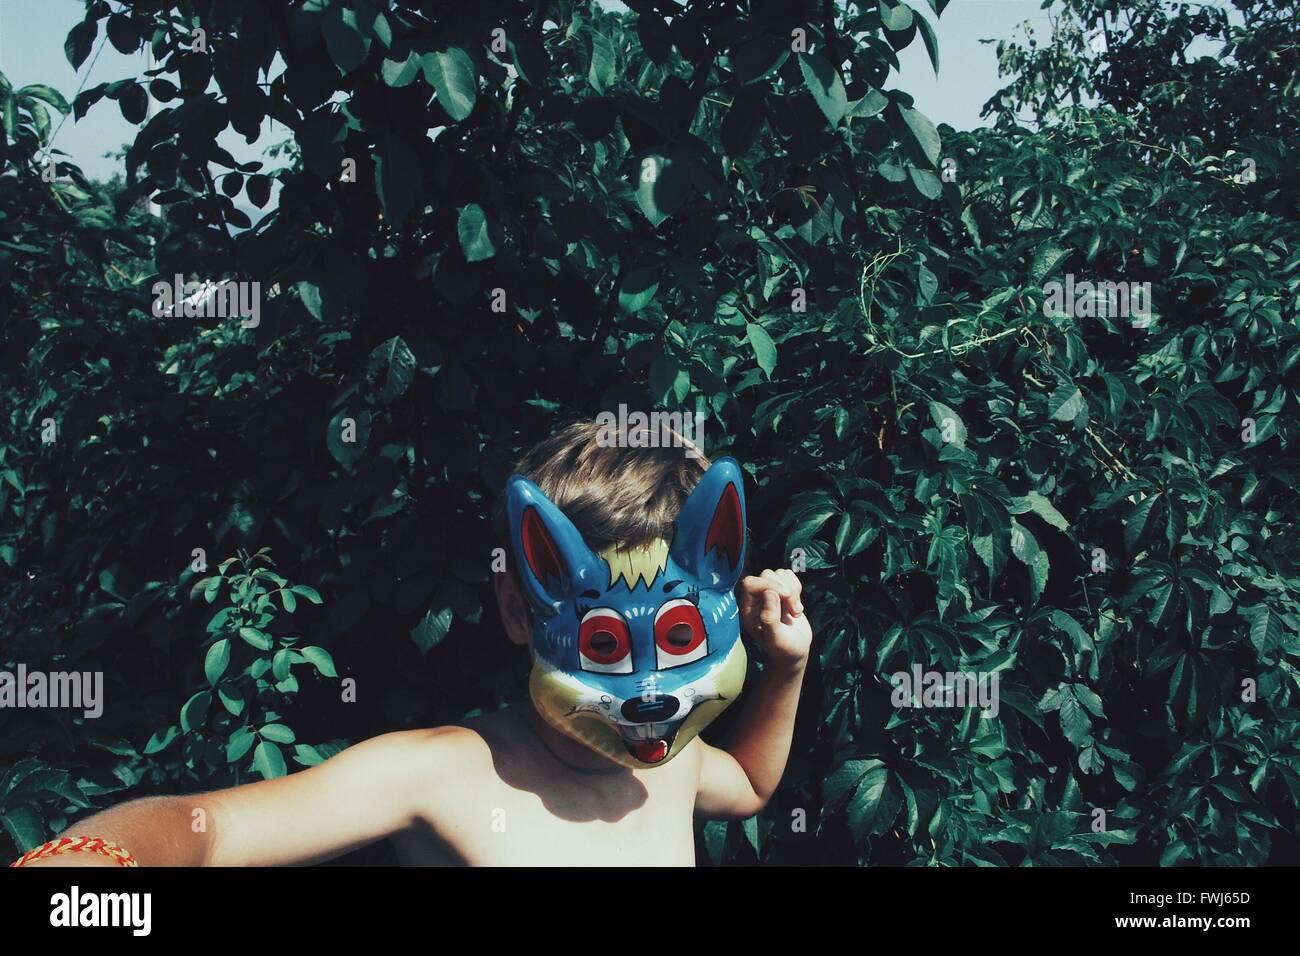 Shirtless Boy Wearing Fox Mask At Backyard - Stock Image